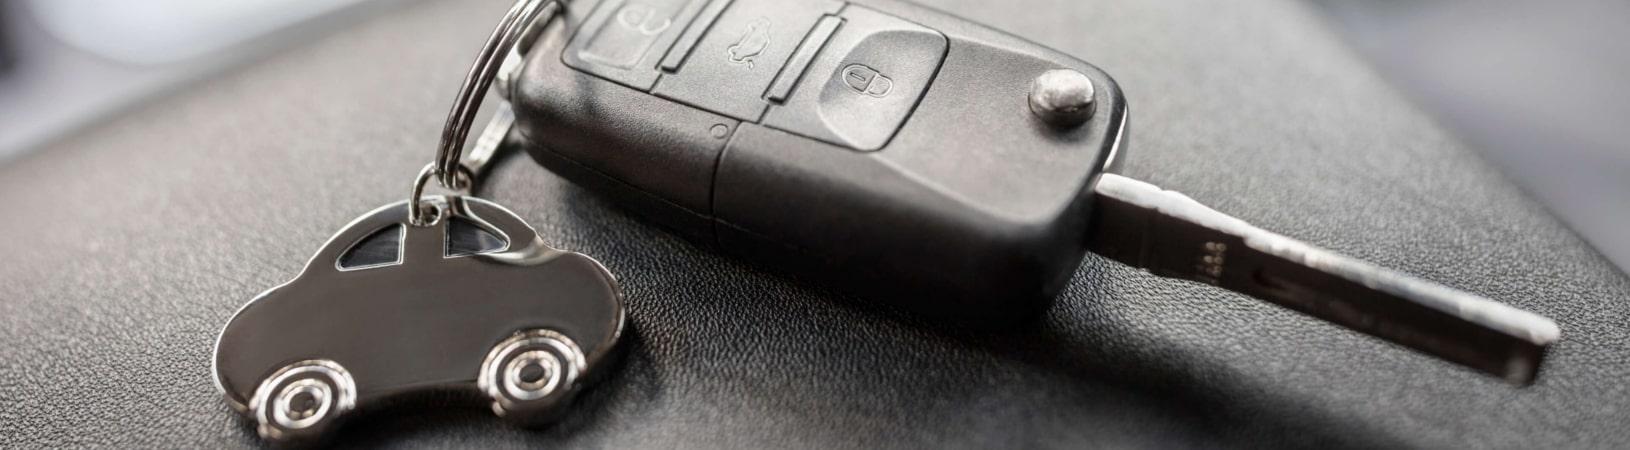 Czy alarmy, blokady i monitory GPS są naprawdę skuteczne?